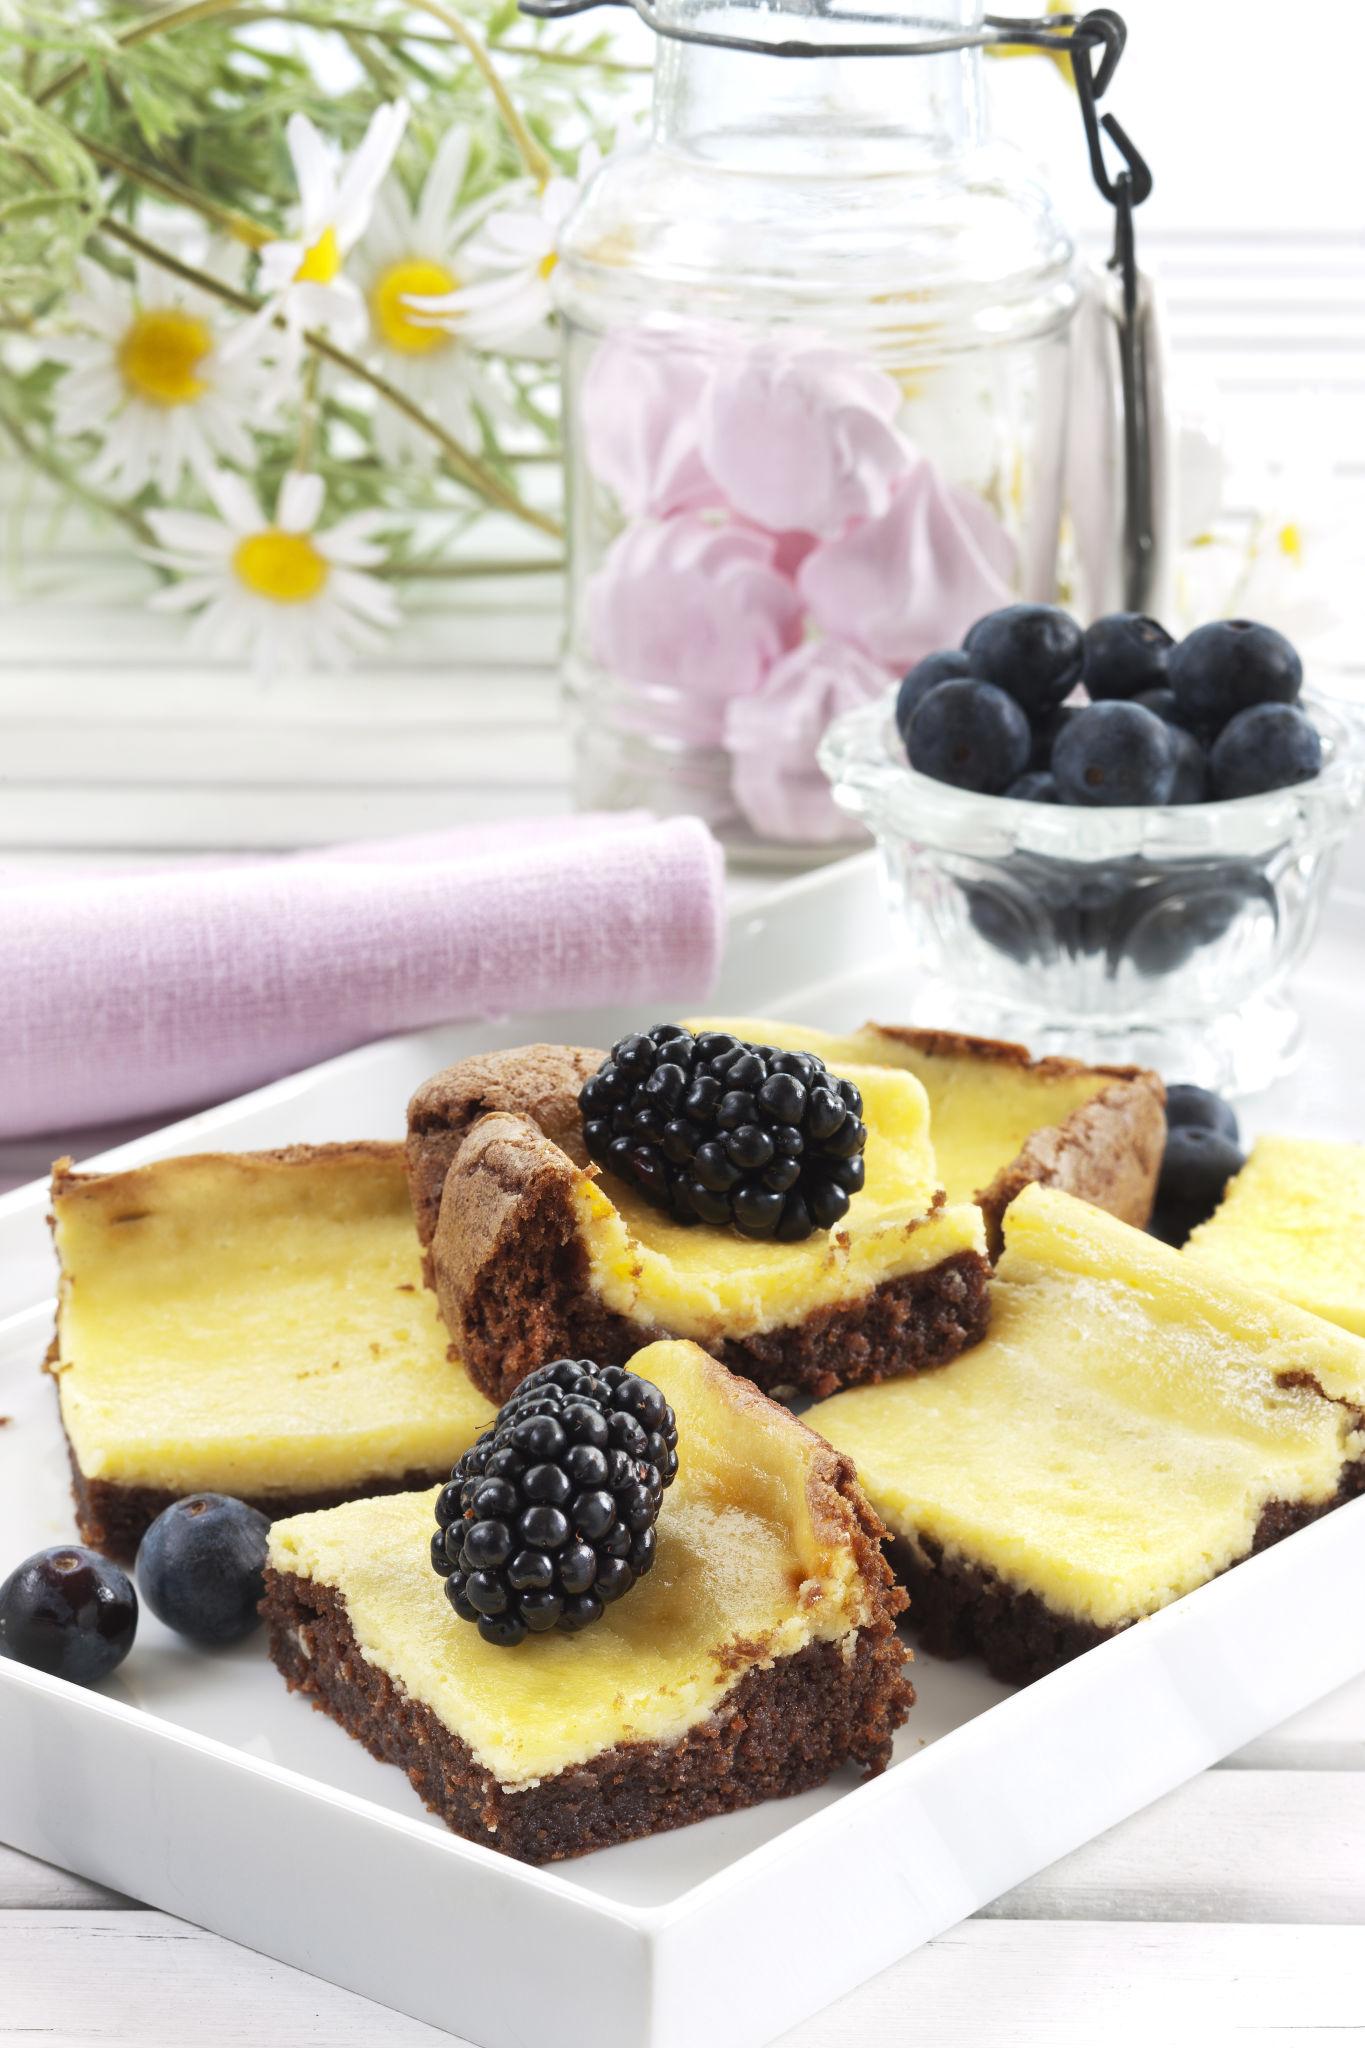 Denne fristende ostekaken består først av et lag myk sjokoladekake og deretter et kremet ostekakefyll. Dobbel lykke!